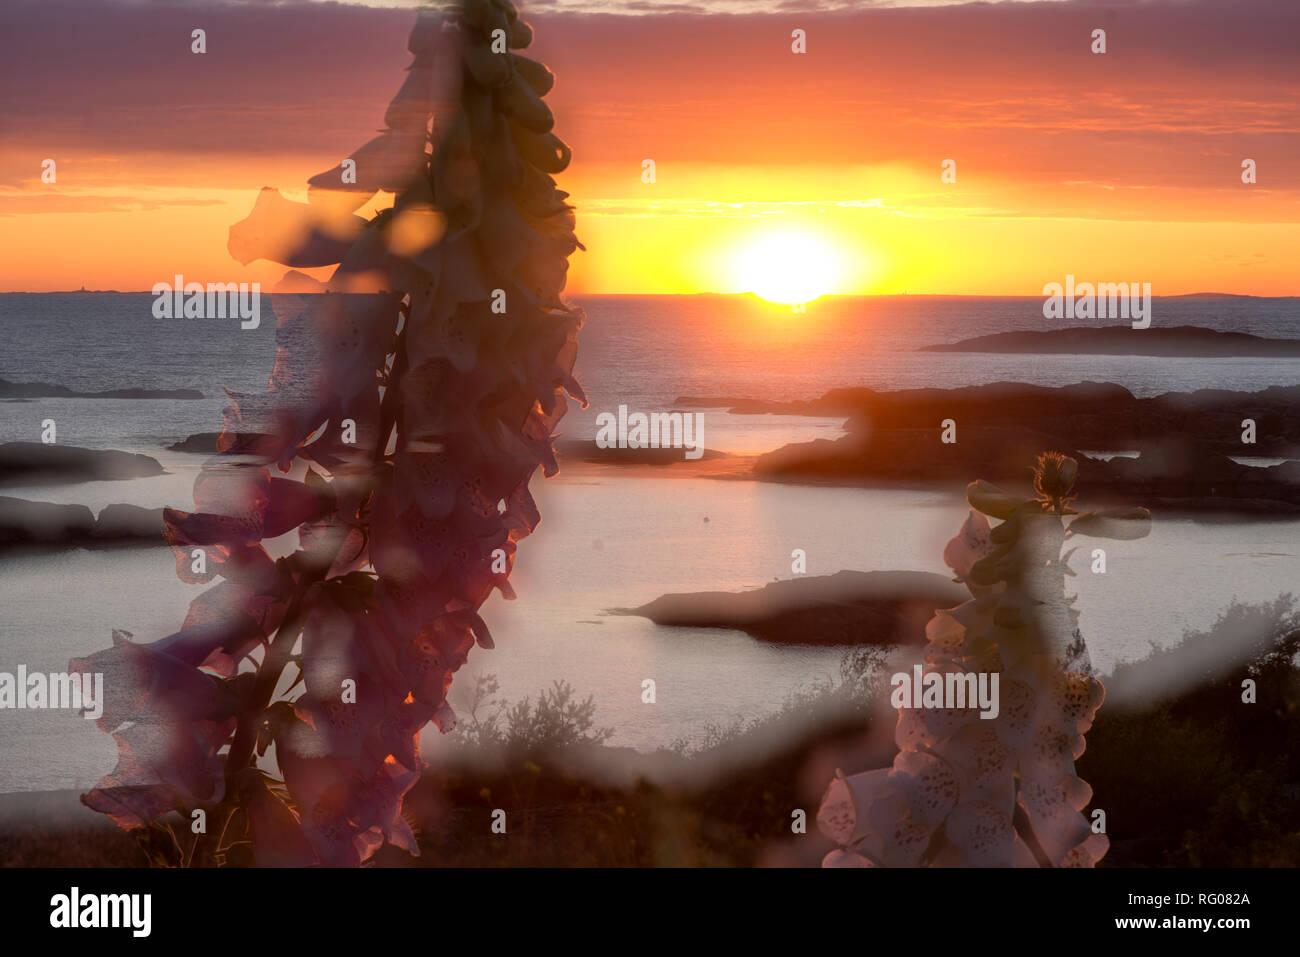 La Suède, l'usine, photosynthèse, les eucaryotes multicellulaires, World, la floraison, les plantes, les gymnospermes, fougères, plantes vertes, la photosynthèse, les chloroplastes, Photo Stock